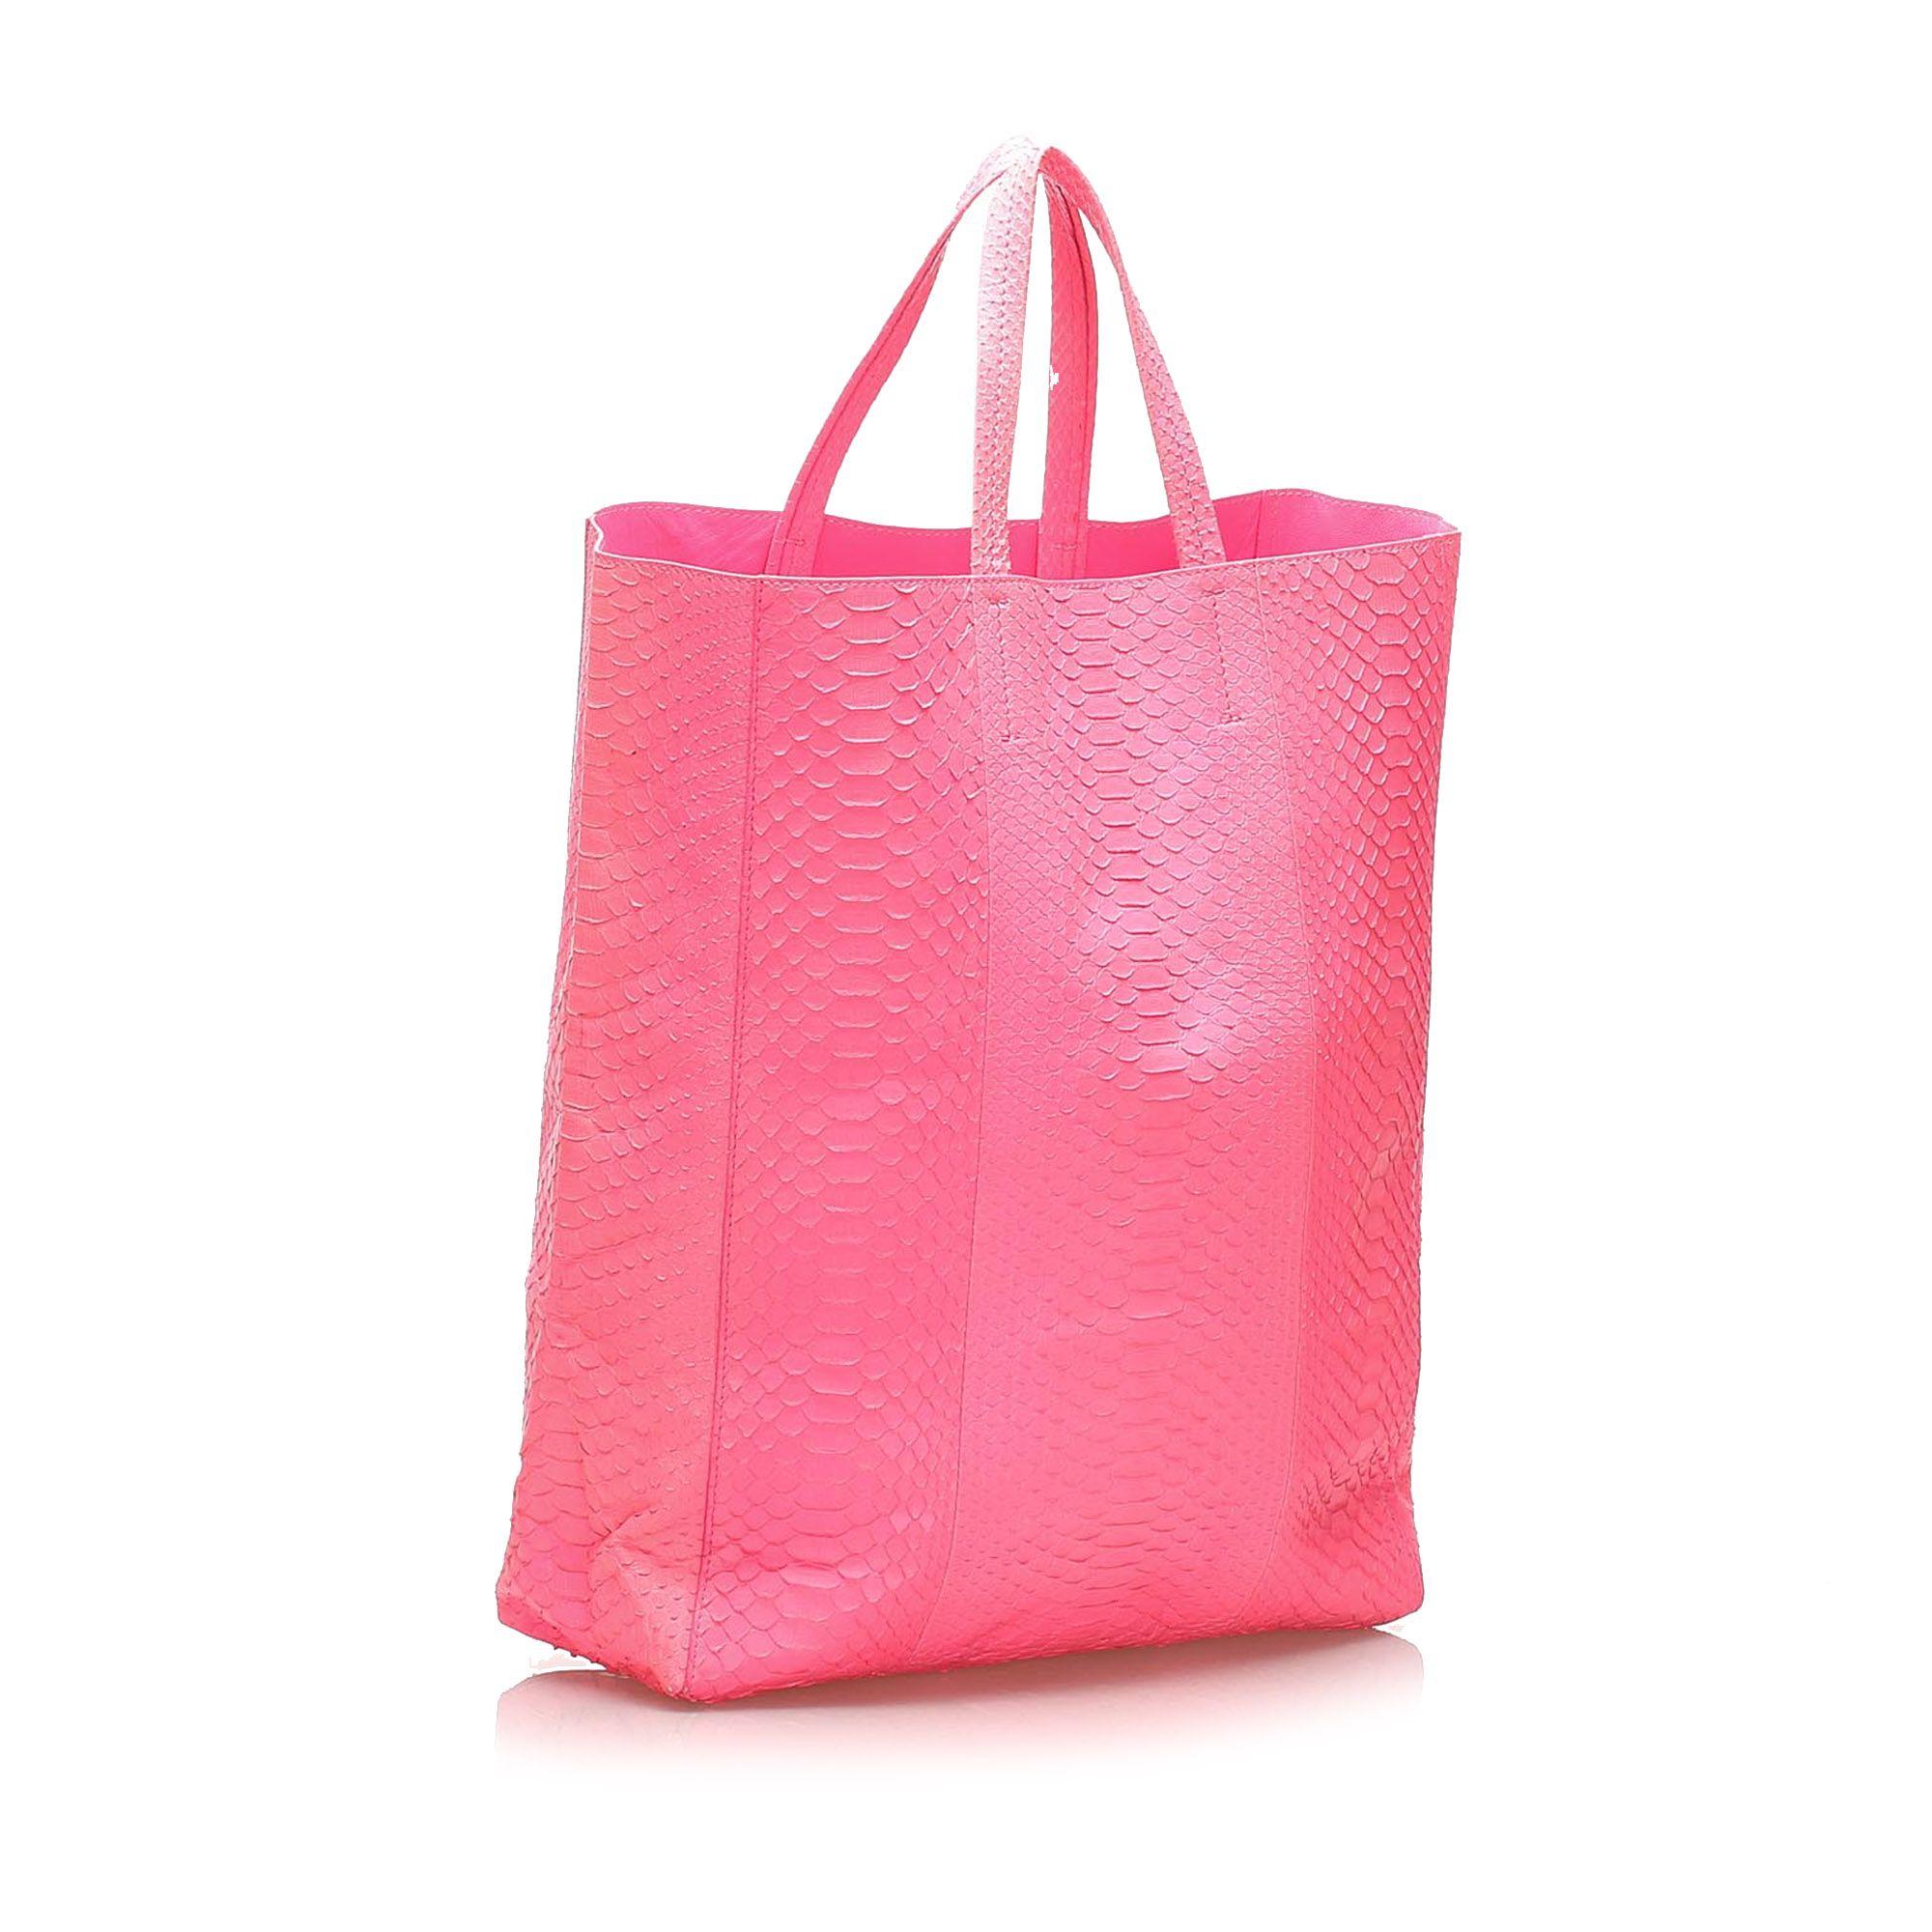 Vintage Celine Vertical Cabas Python Tote Bag Pink